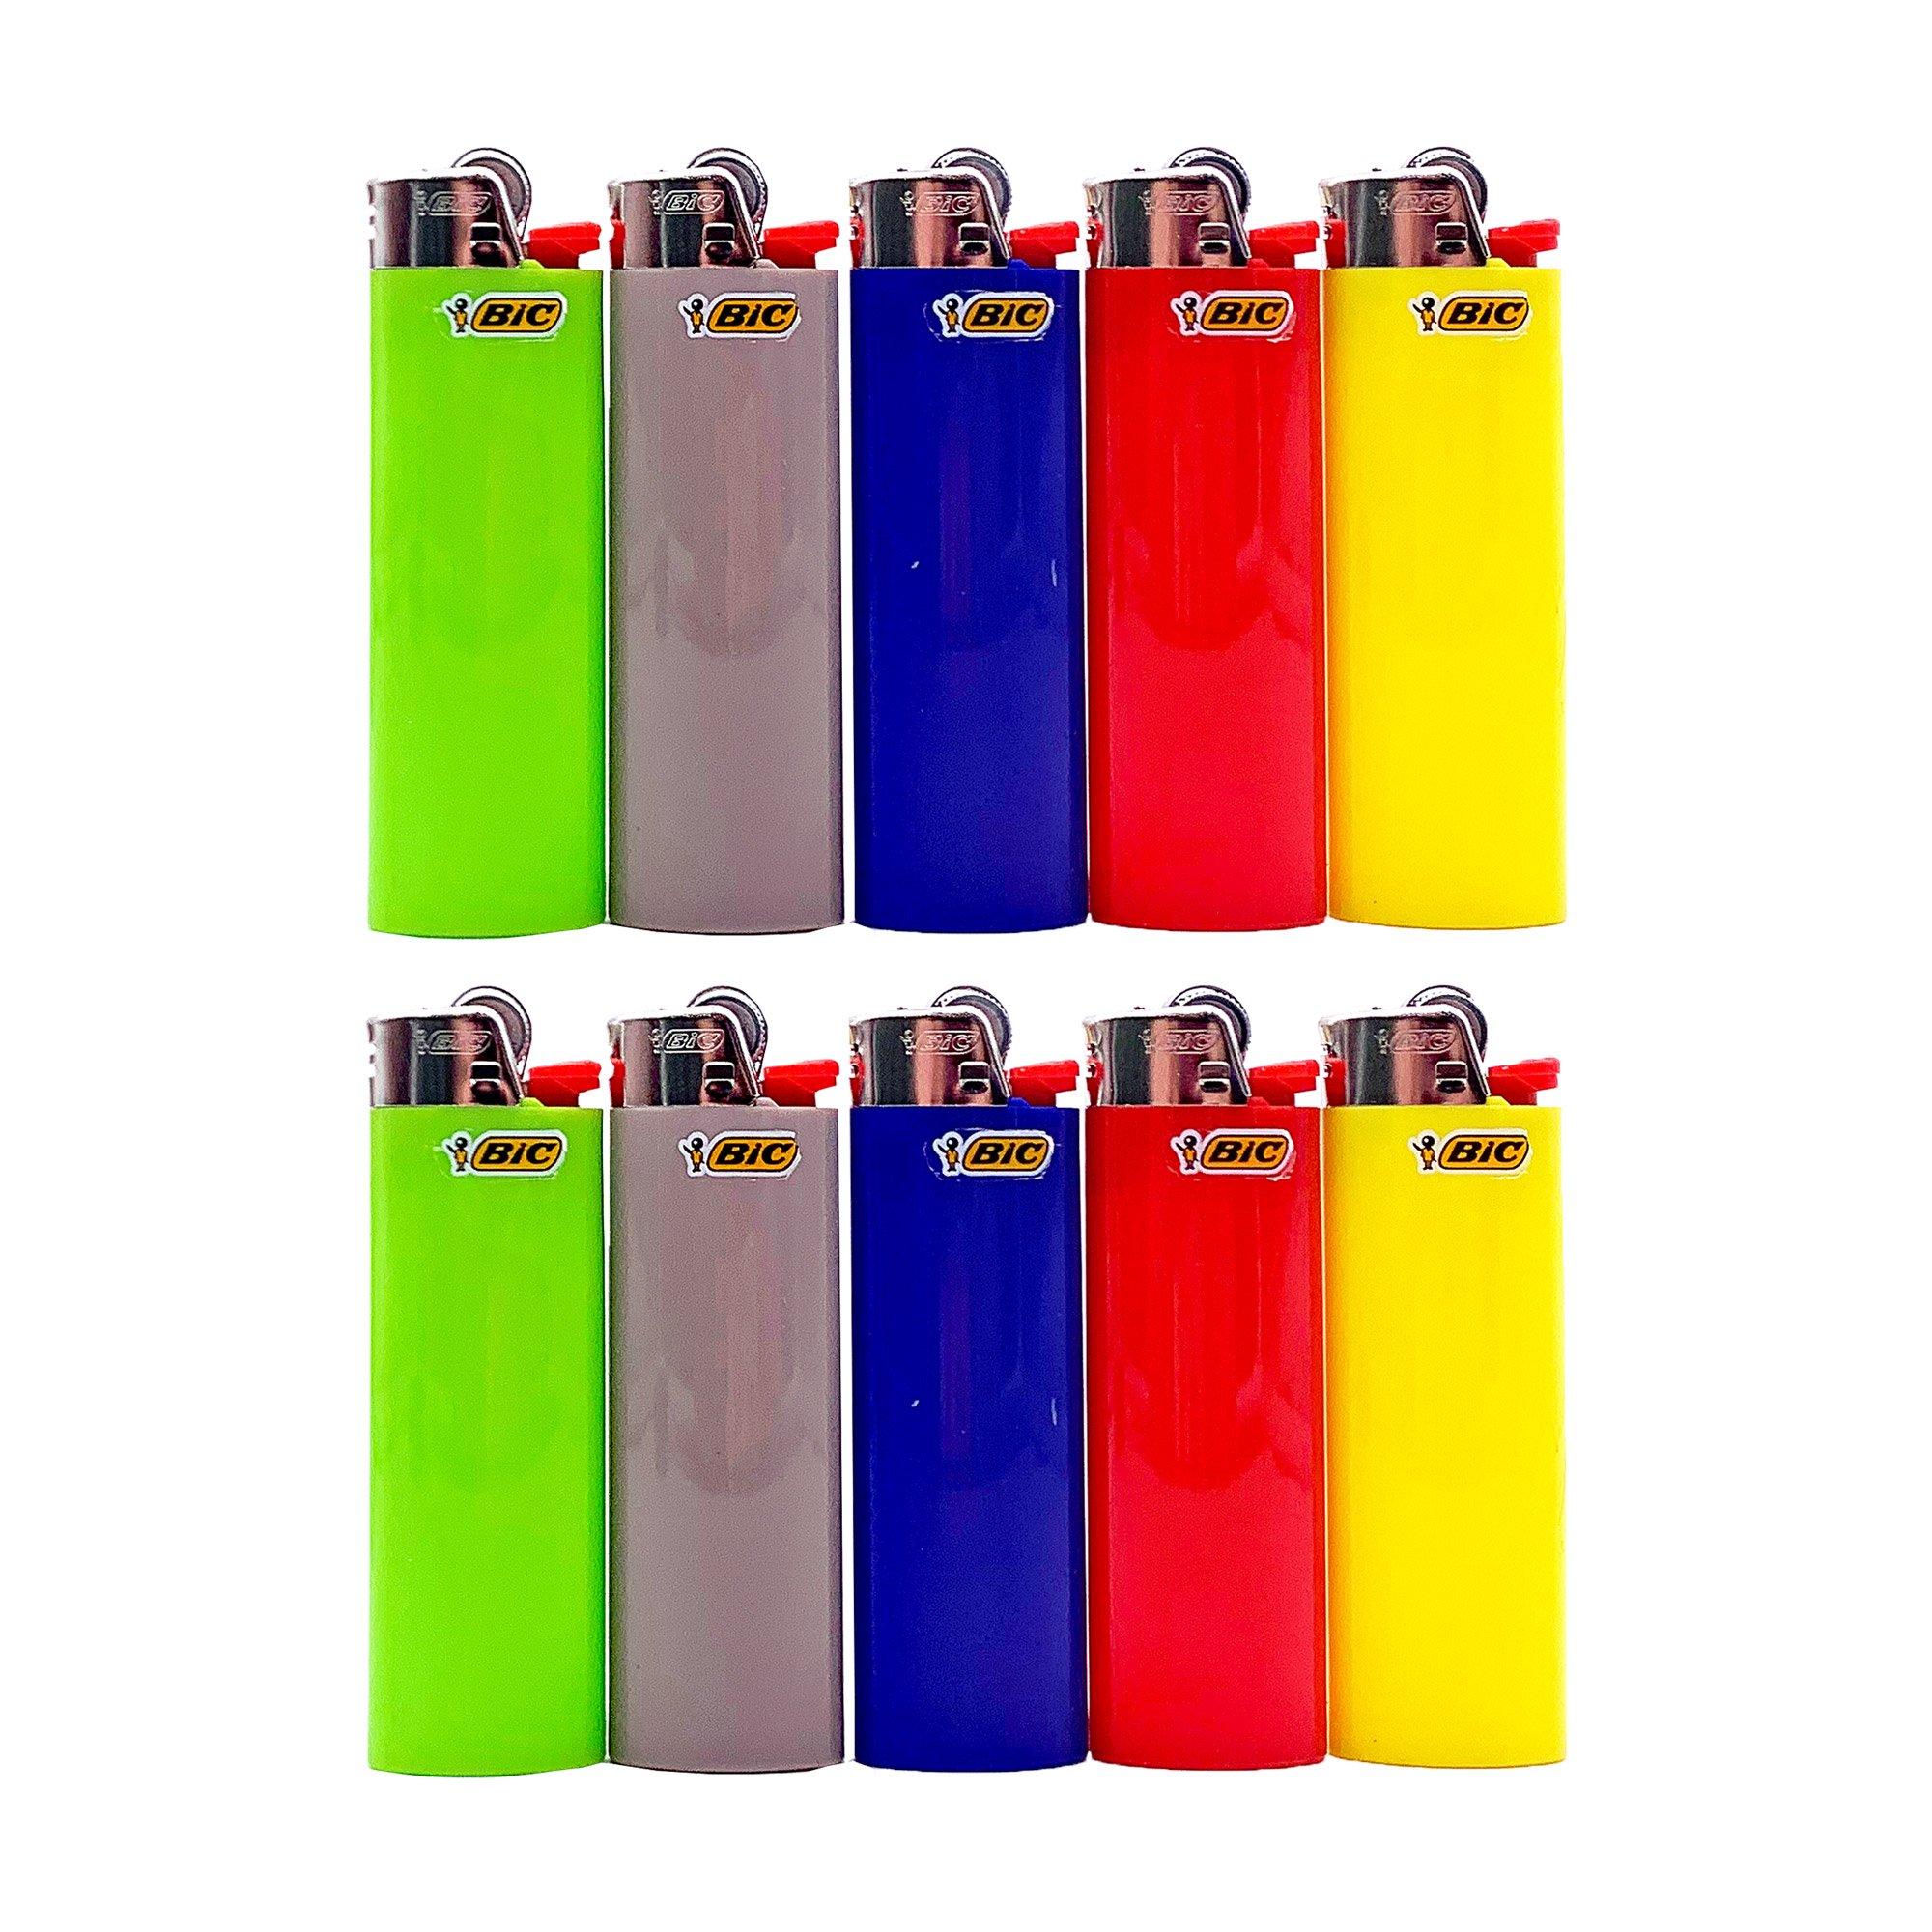 10 BIC Maxi Reibrad Feuerzeug verschiedene Farben nicht wählbar